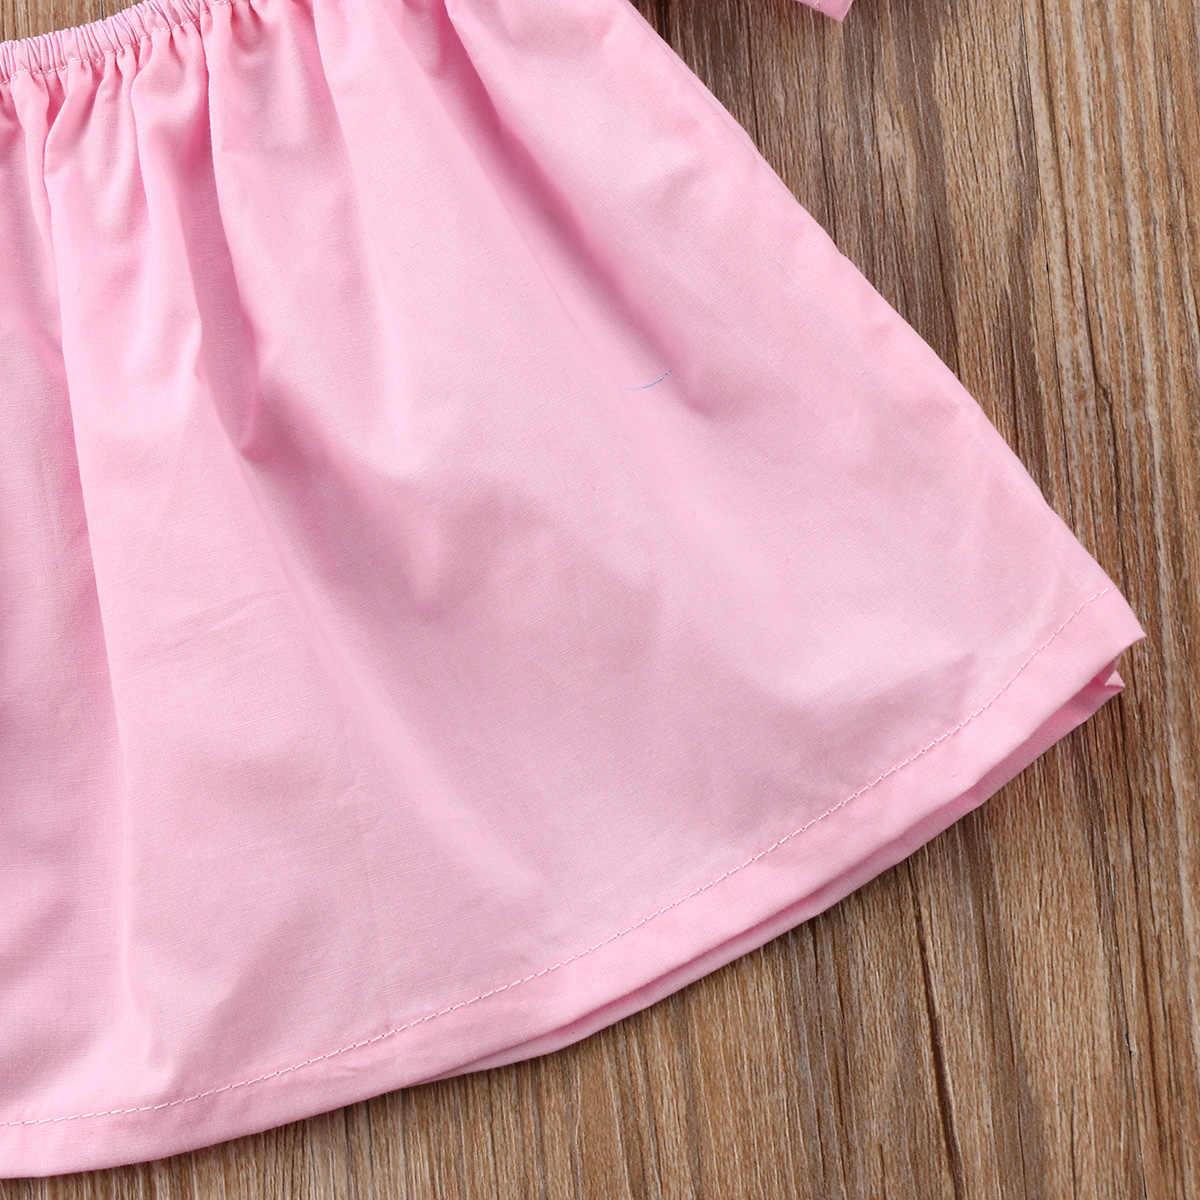 2018 新生児幼児女の赤ちゃんオフショルダーソリッドピンク白黒作物 Tシャツブラウスかわいい夏